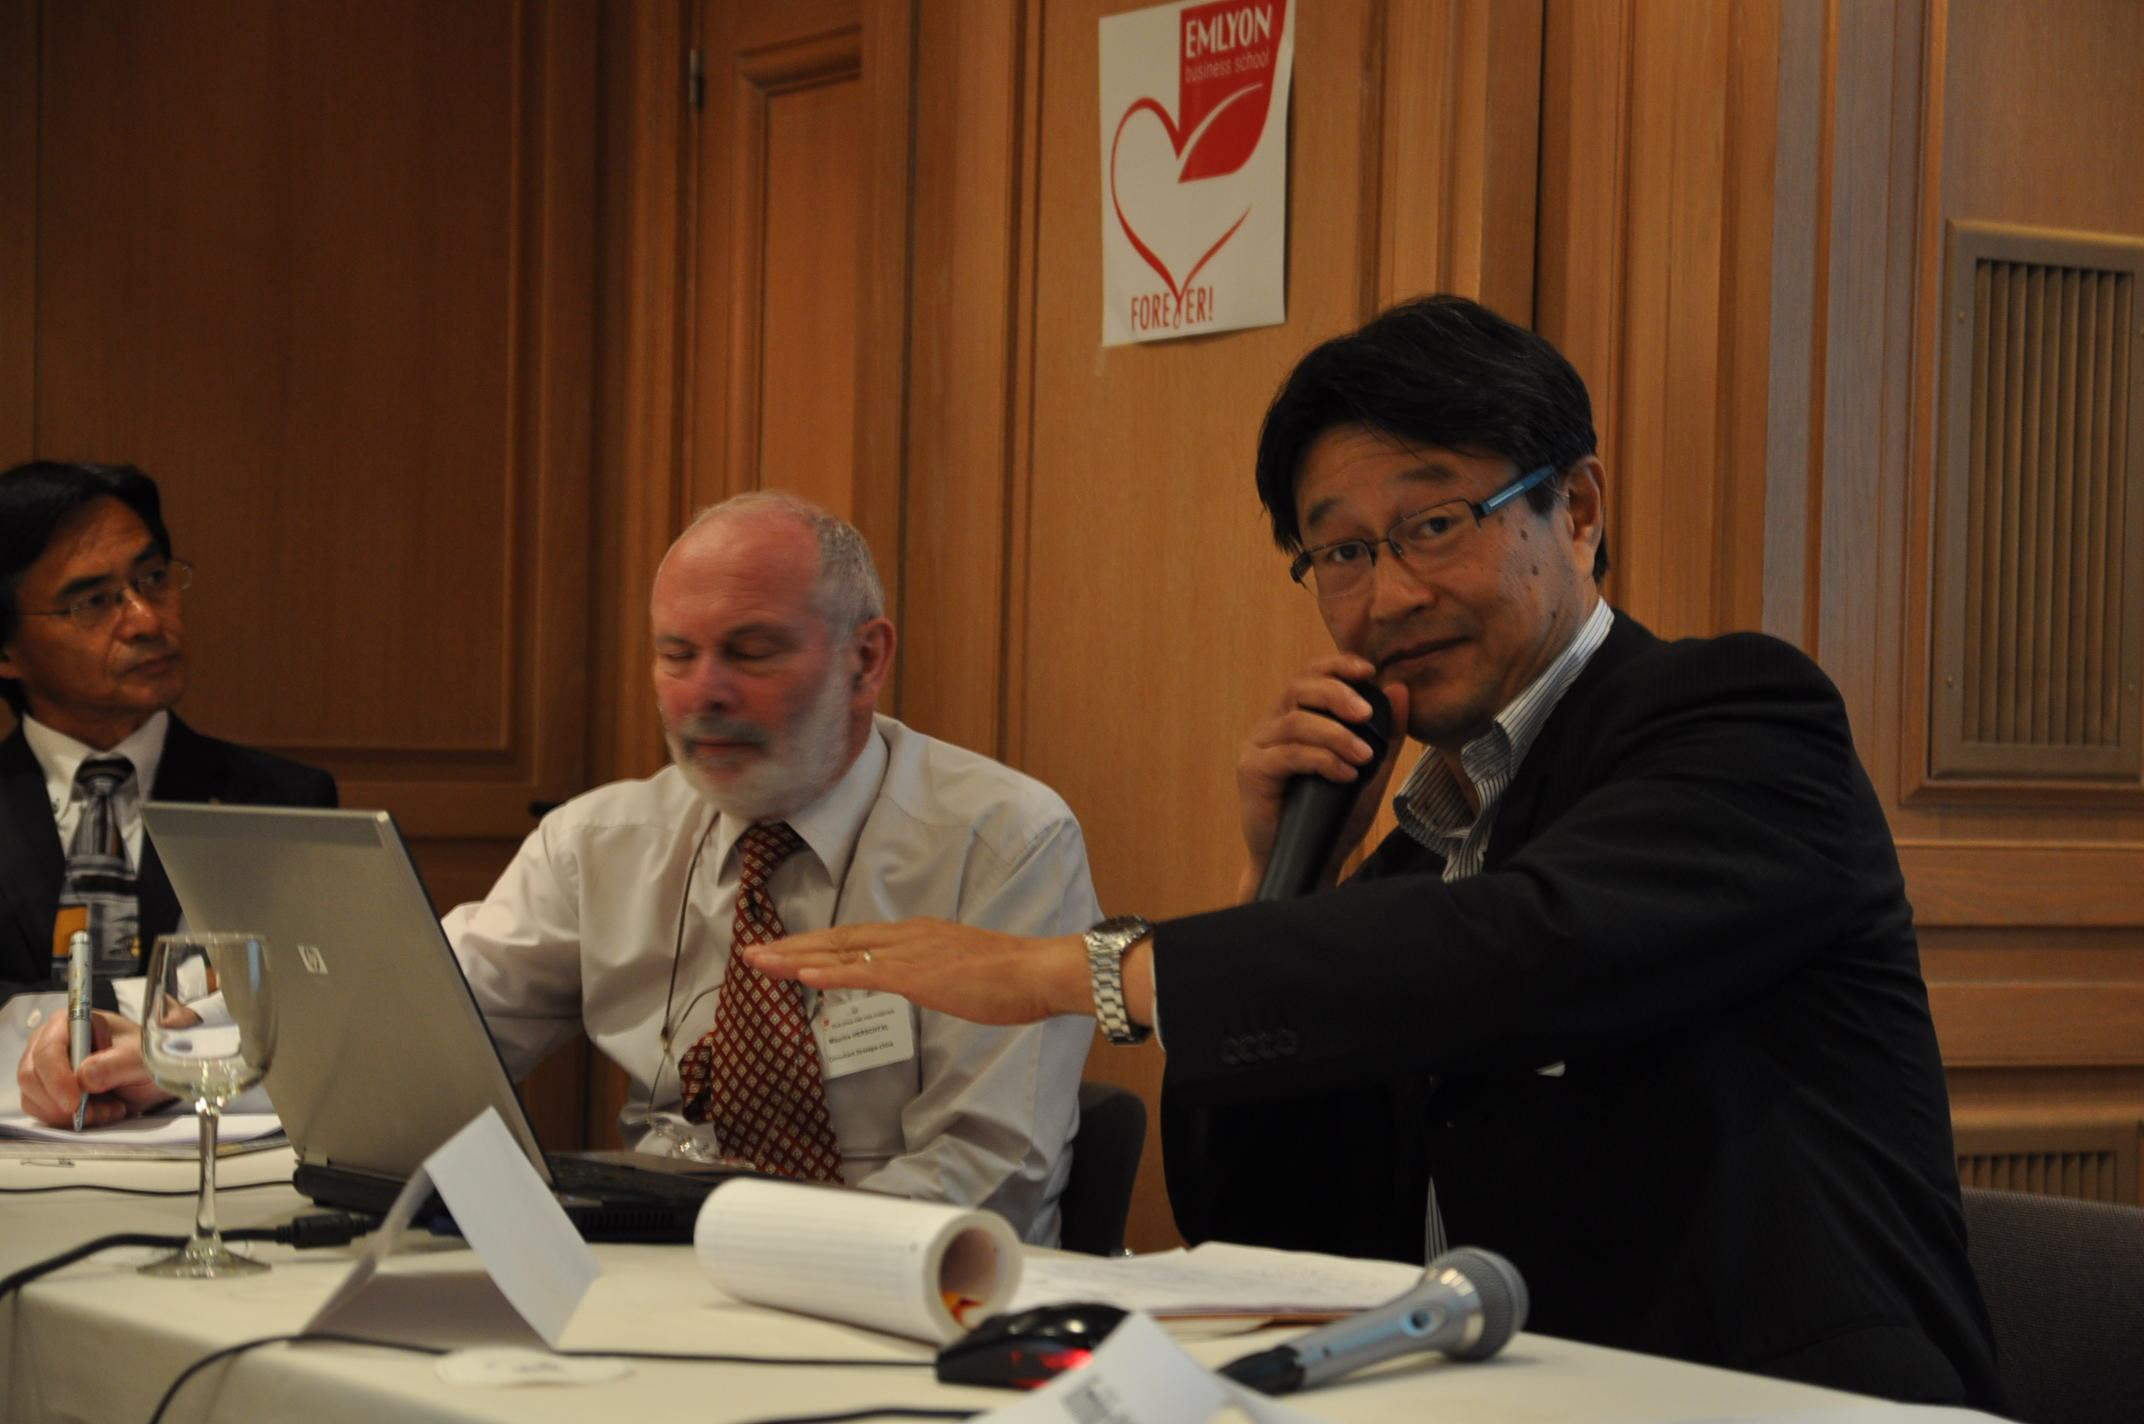 EM Lyon Club Chine Seminar « Chine-Japon, les ressorts culturels de la réussite», ParispA